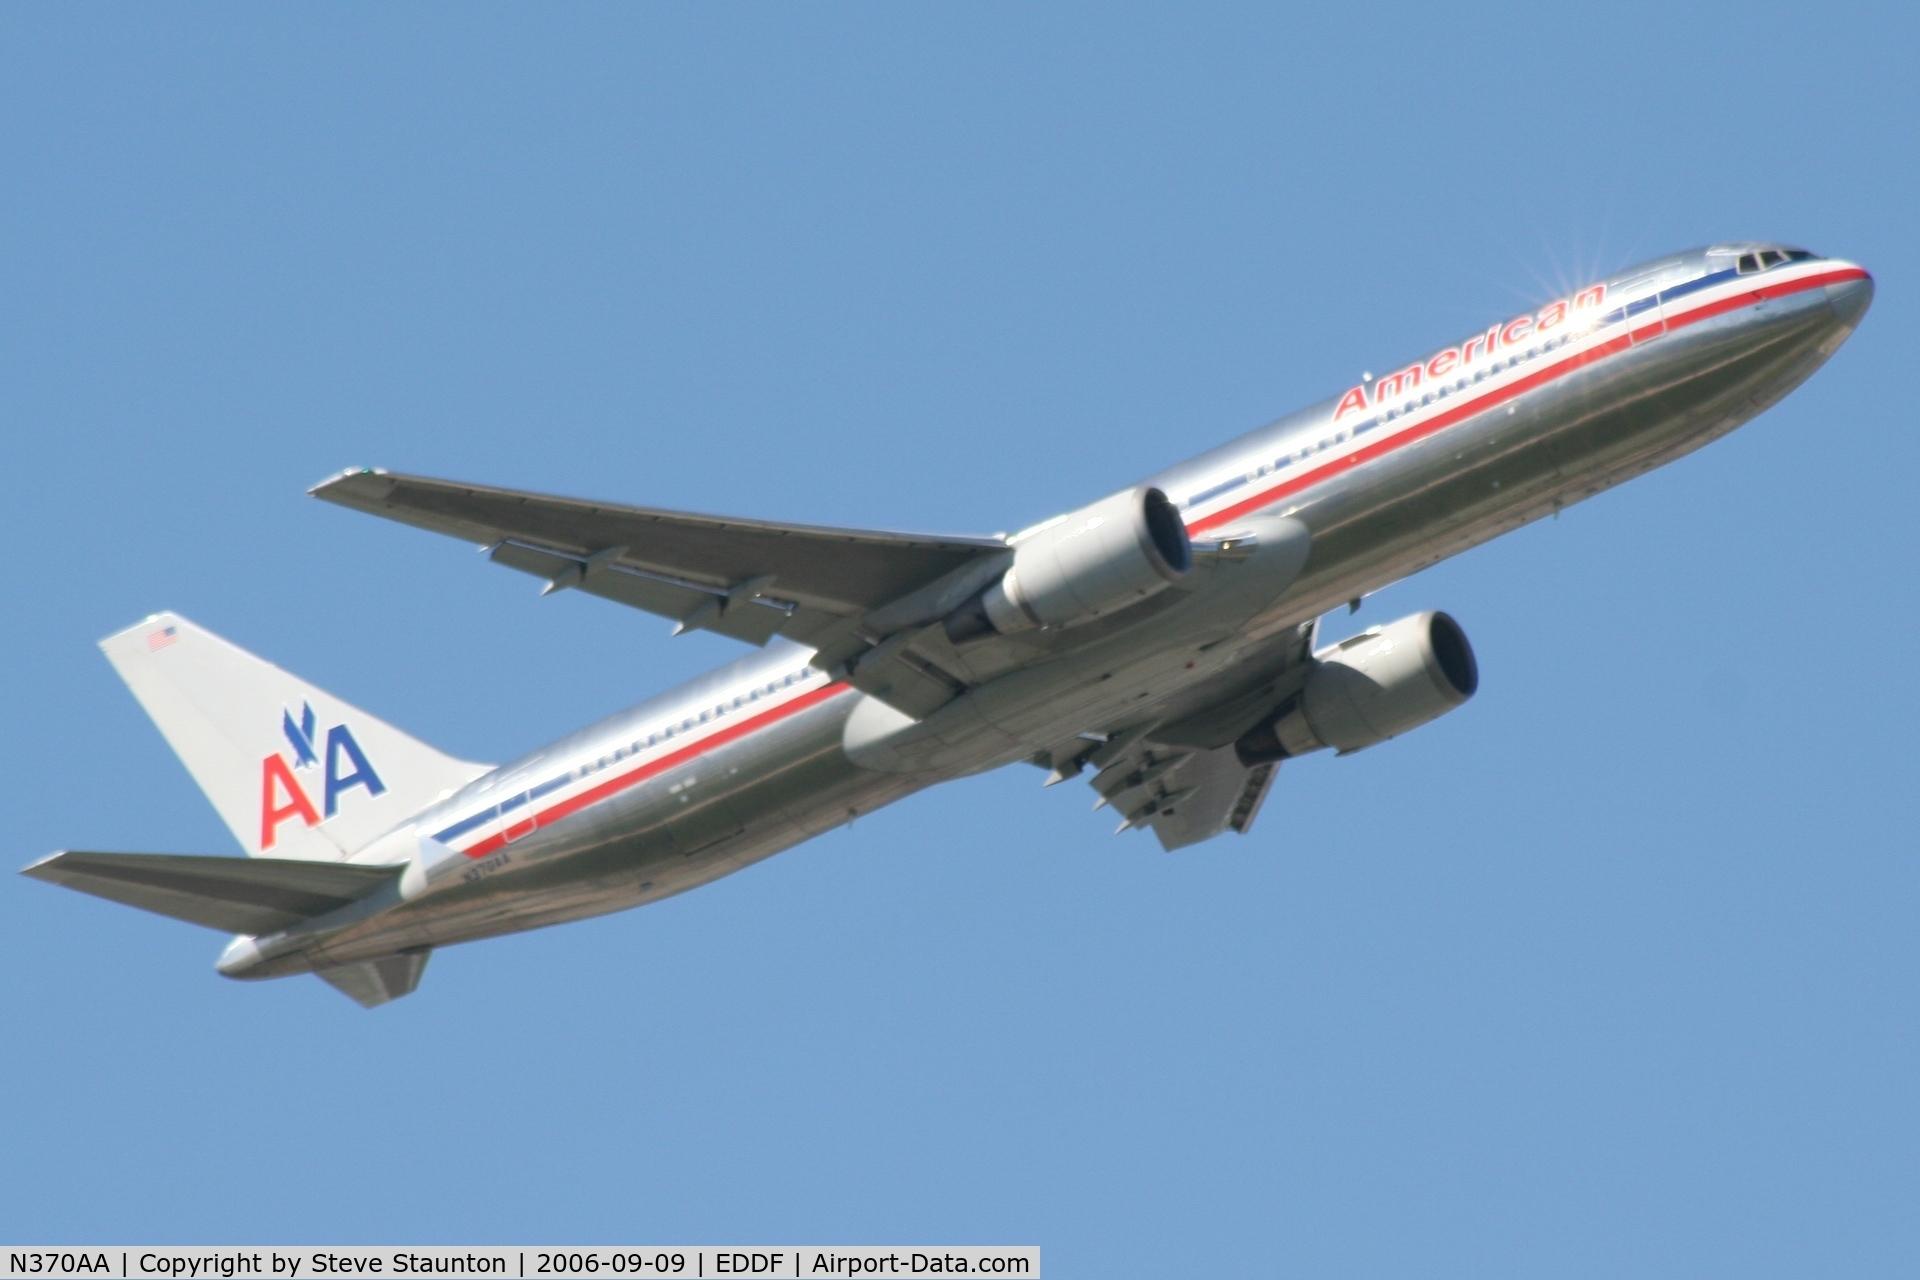 N370AA, 1992 Boeing 767-323 C/N 25197, Taken at Frankfurt September 2006